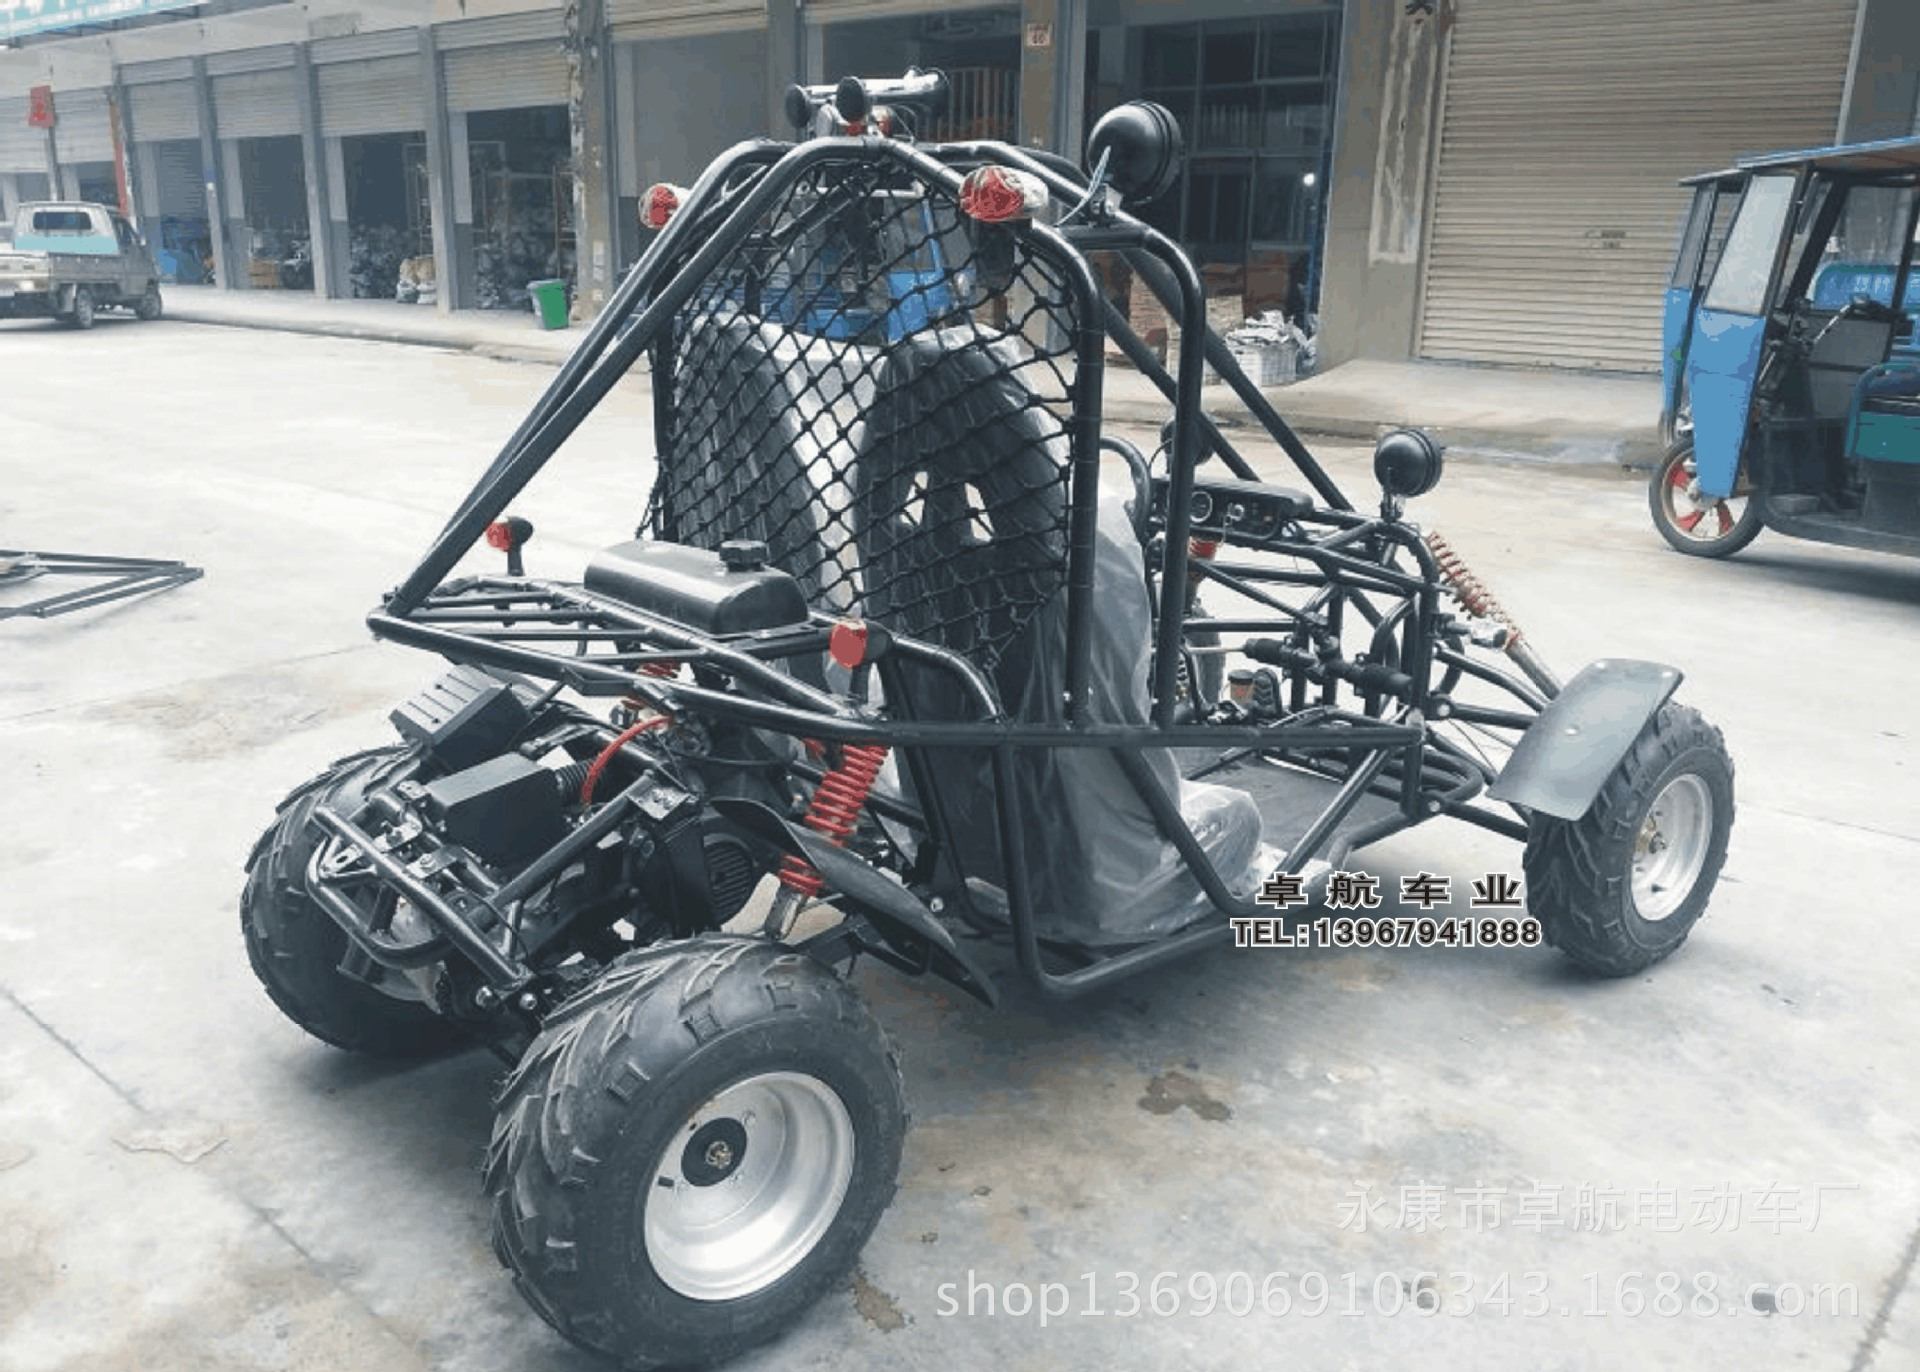 动 外置倒档 传动:链条 刹车:液压碟刹 油箱:8升 时速:60km/h 最大图片